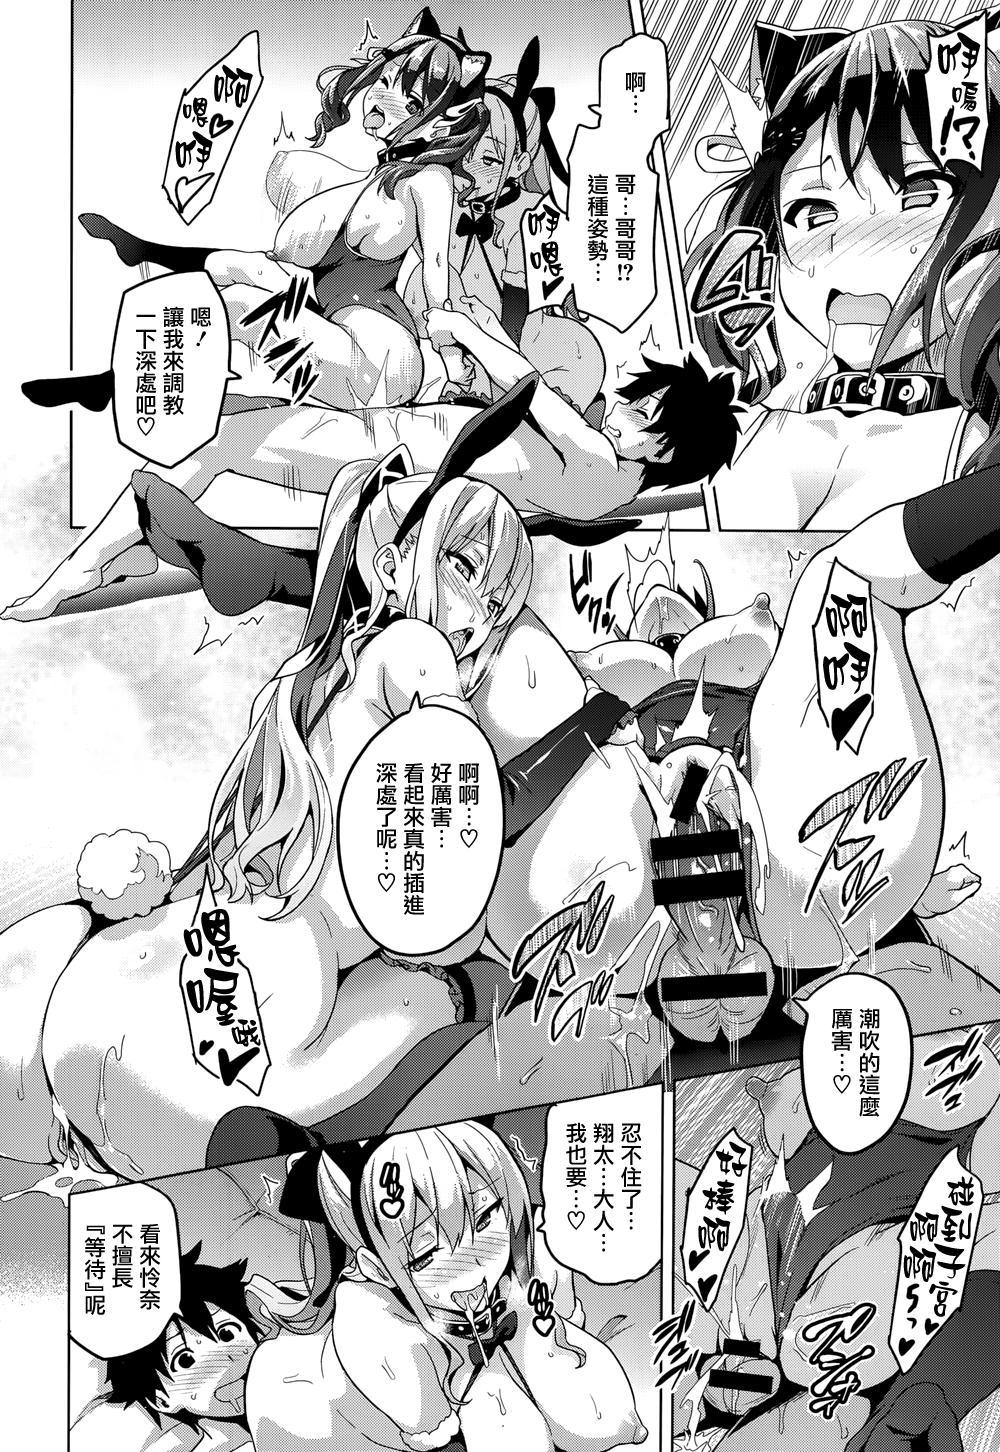 [武田弘光] シスタ ブリーダ~大宮家(妹)の秘め事~(COMIC X-EROS #20) [天鵝之戀漢化](chinese) 39